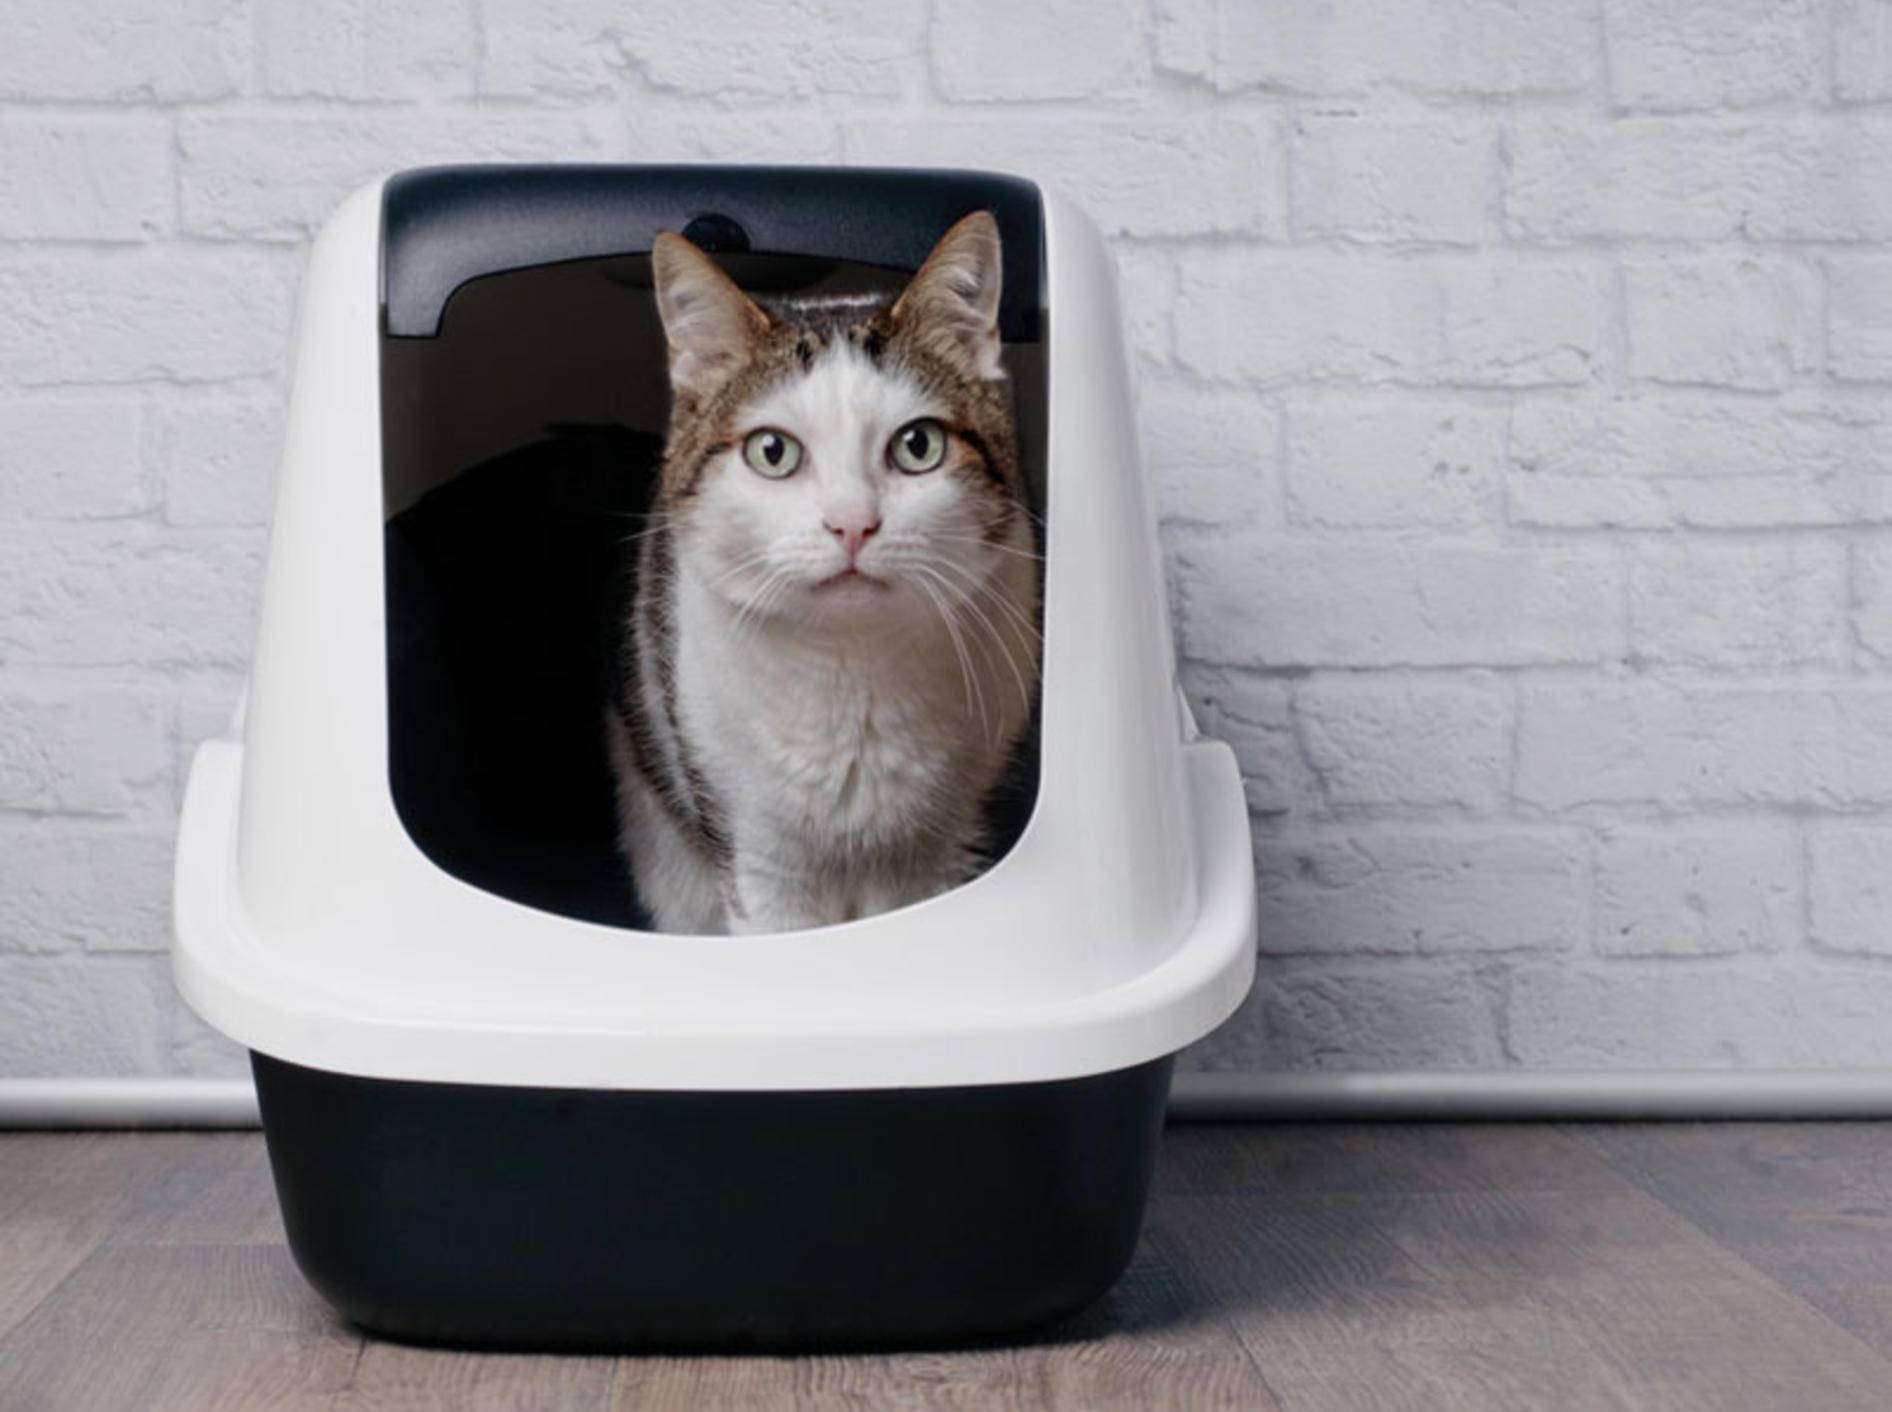 Ein Katzenklo mit Deckel kann Vorteile haben - Bild: Shutterstock / Lightspruch